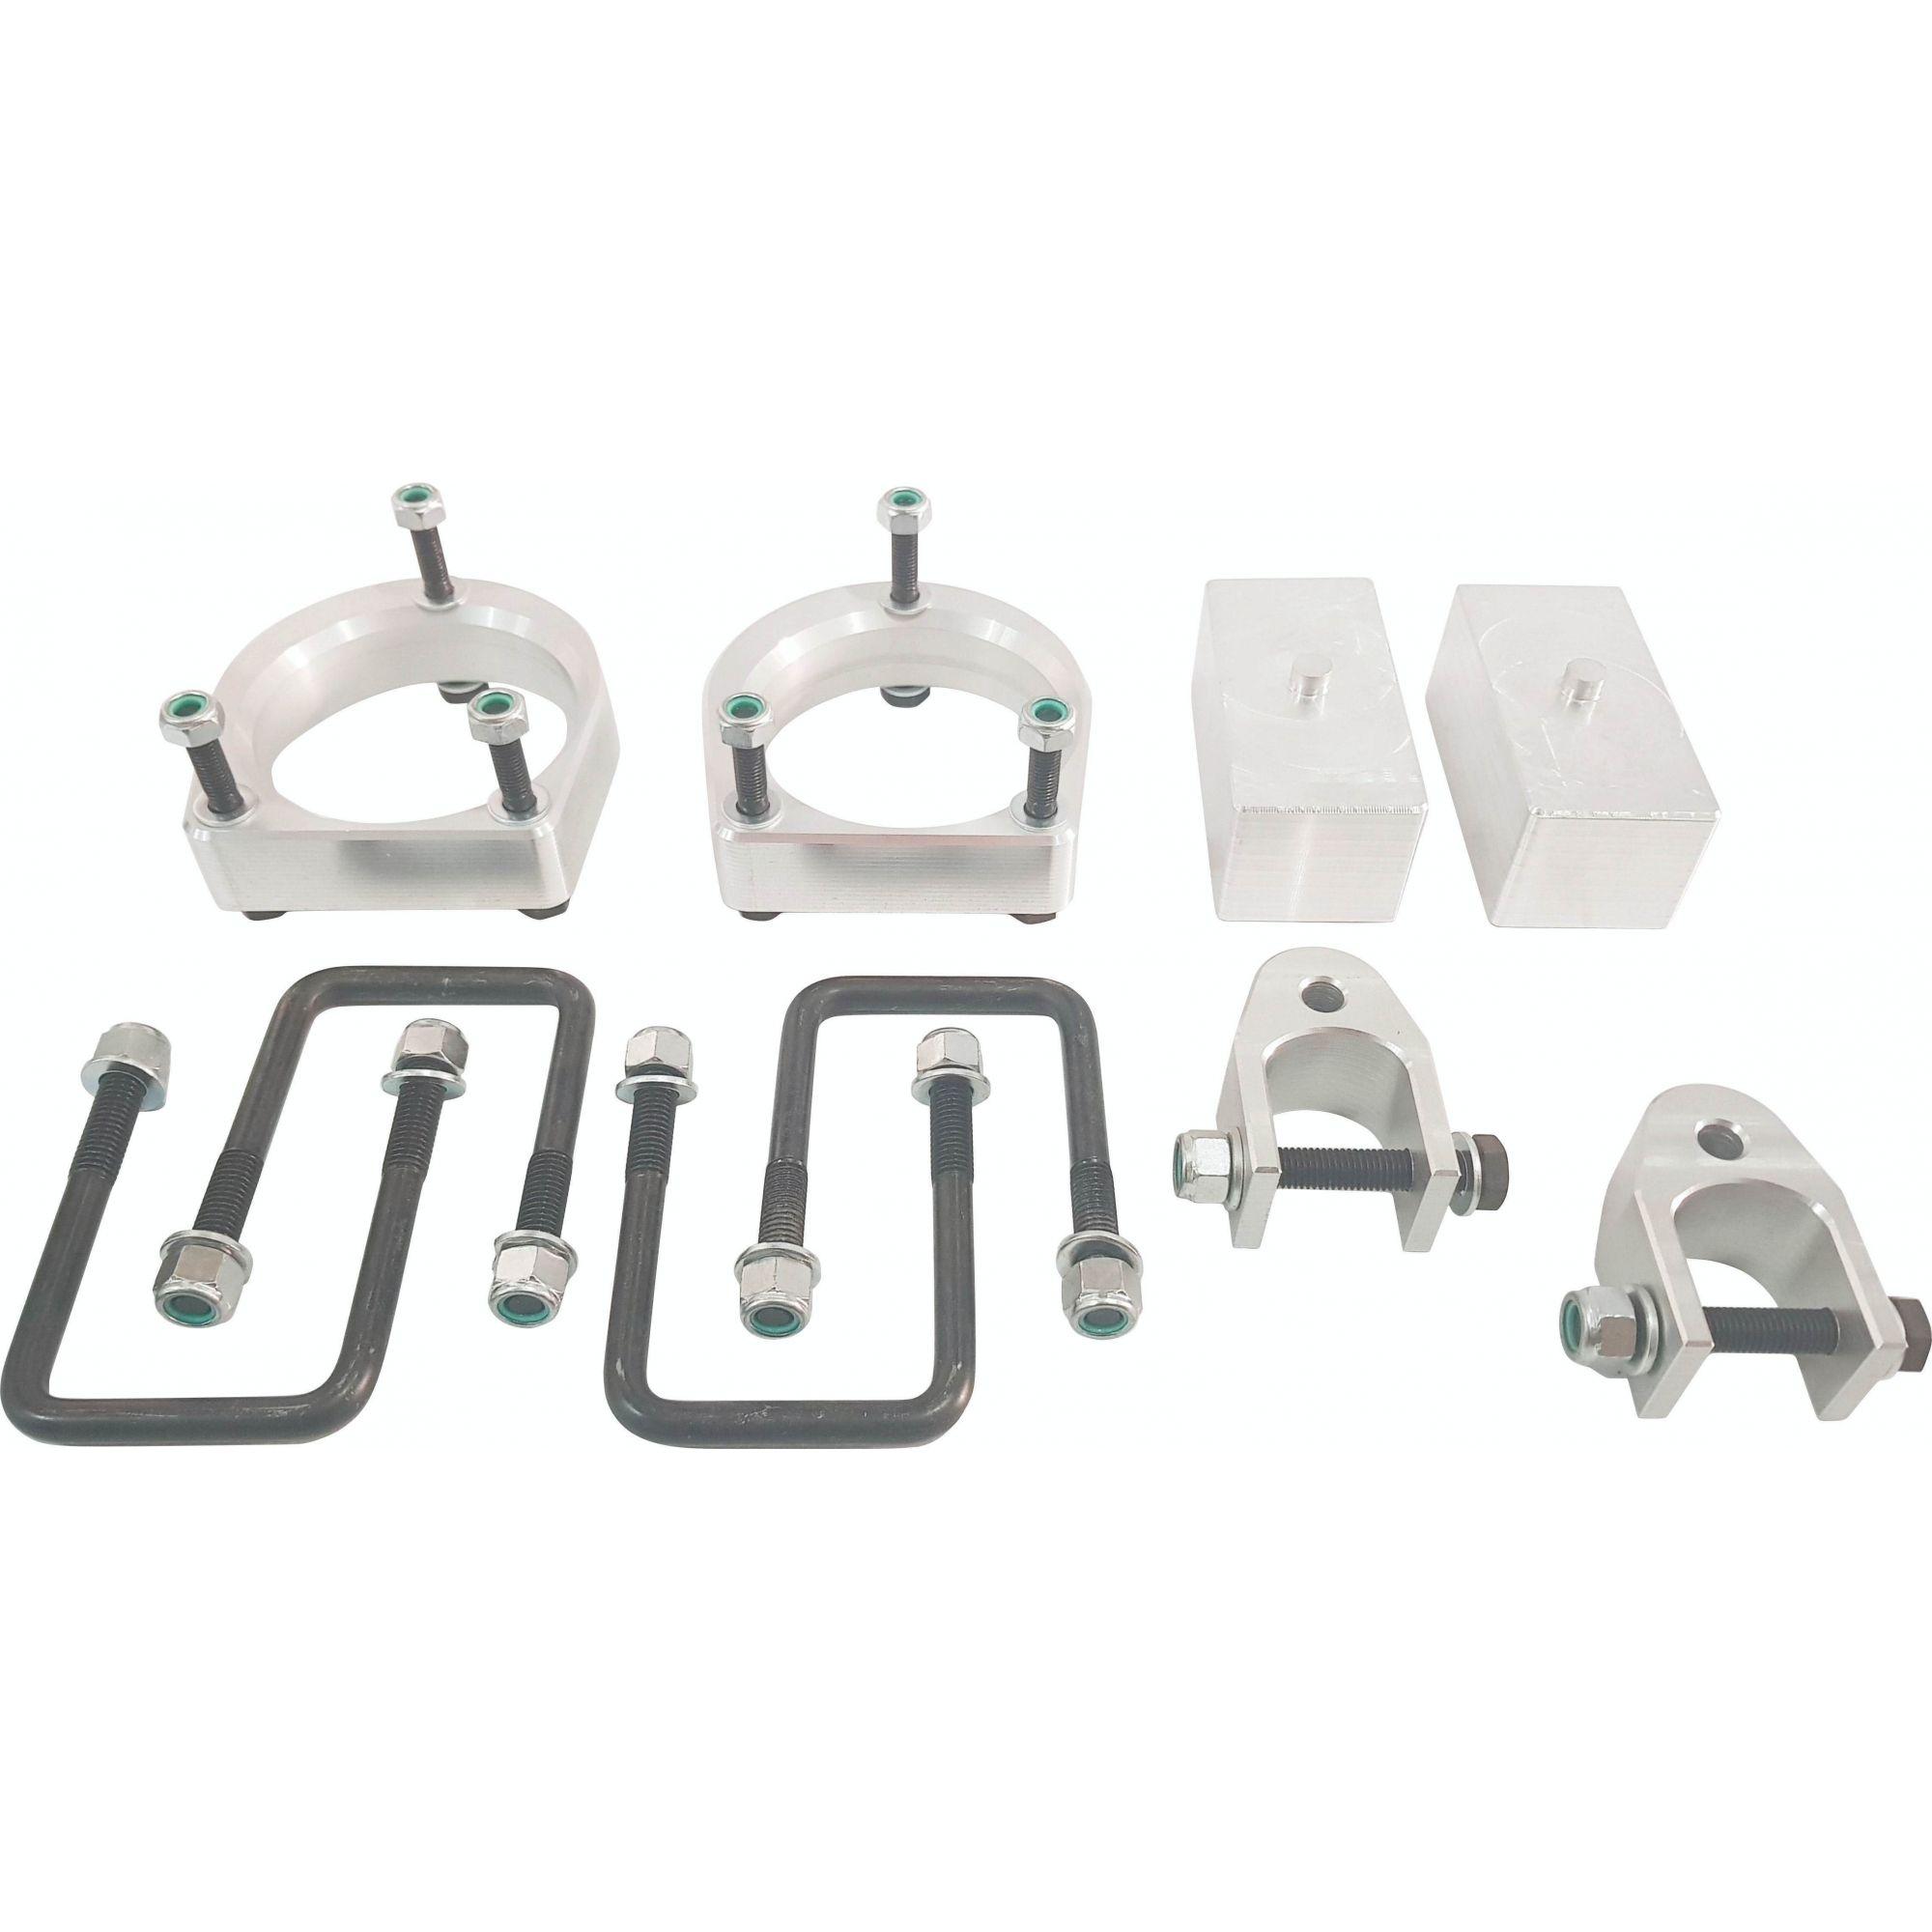 Kit Lift De Suspensão 1,5 Polegadas (3,8cm) P/ Fiat Strada até 2020